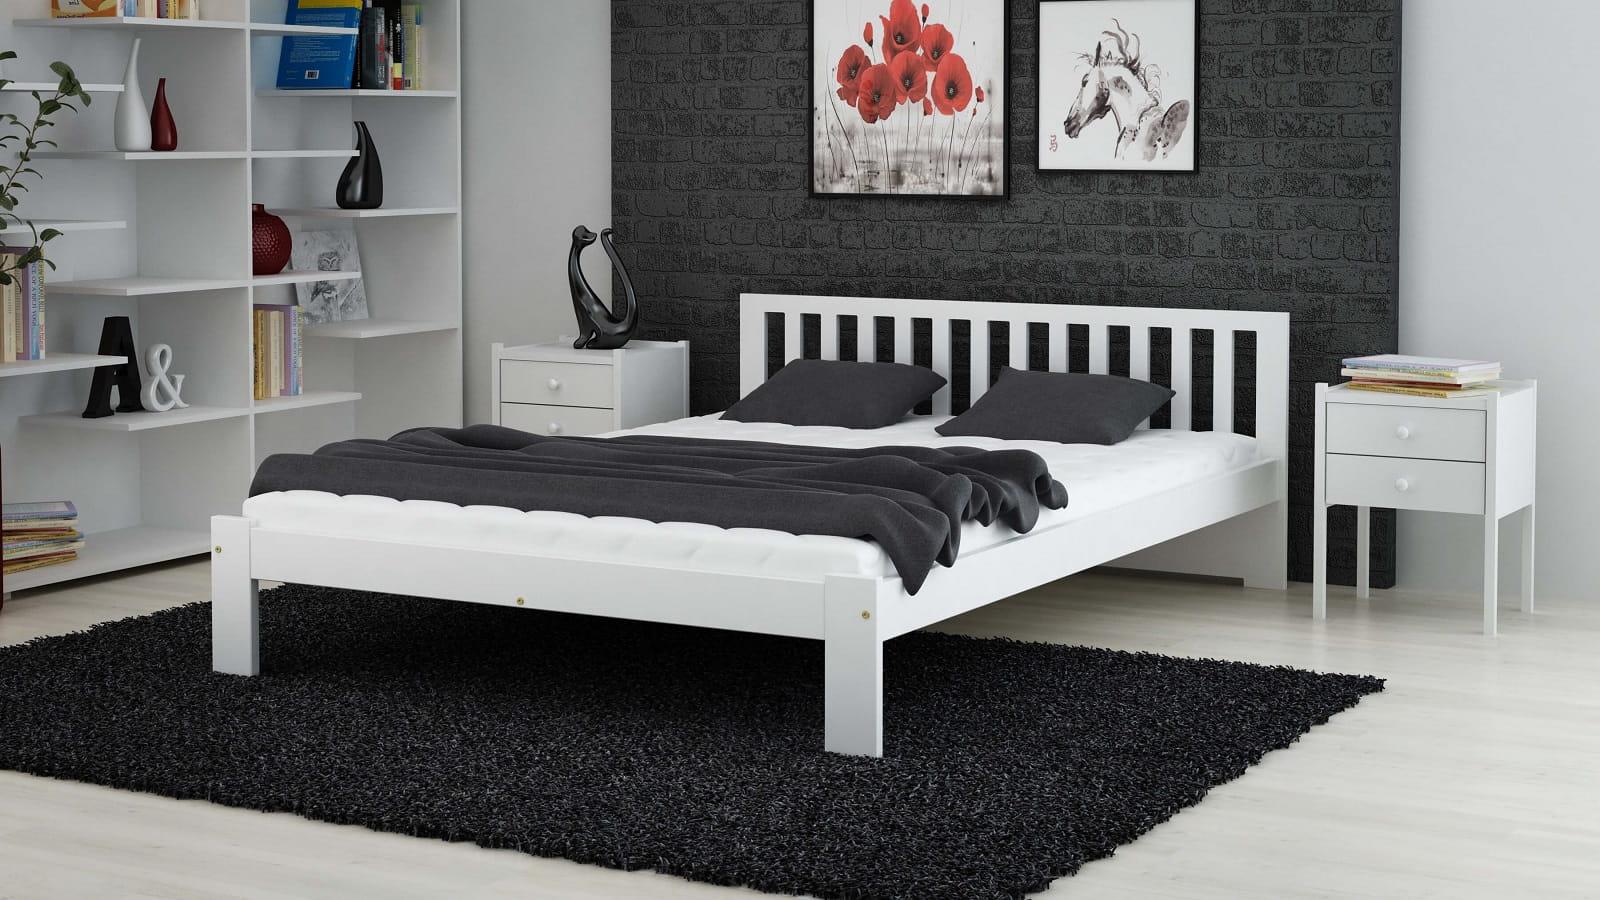 łóżko Dmd2 140x200 Białe